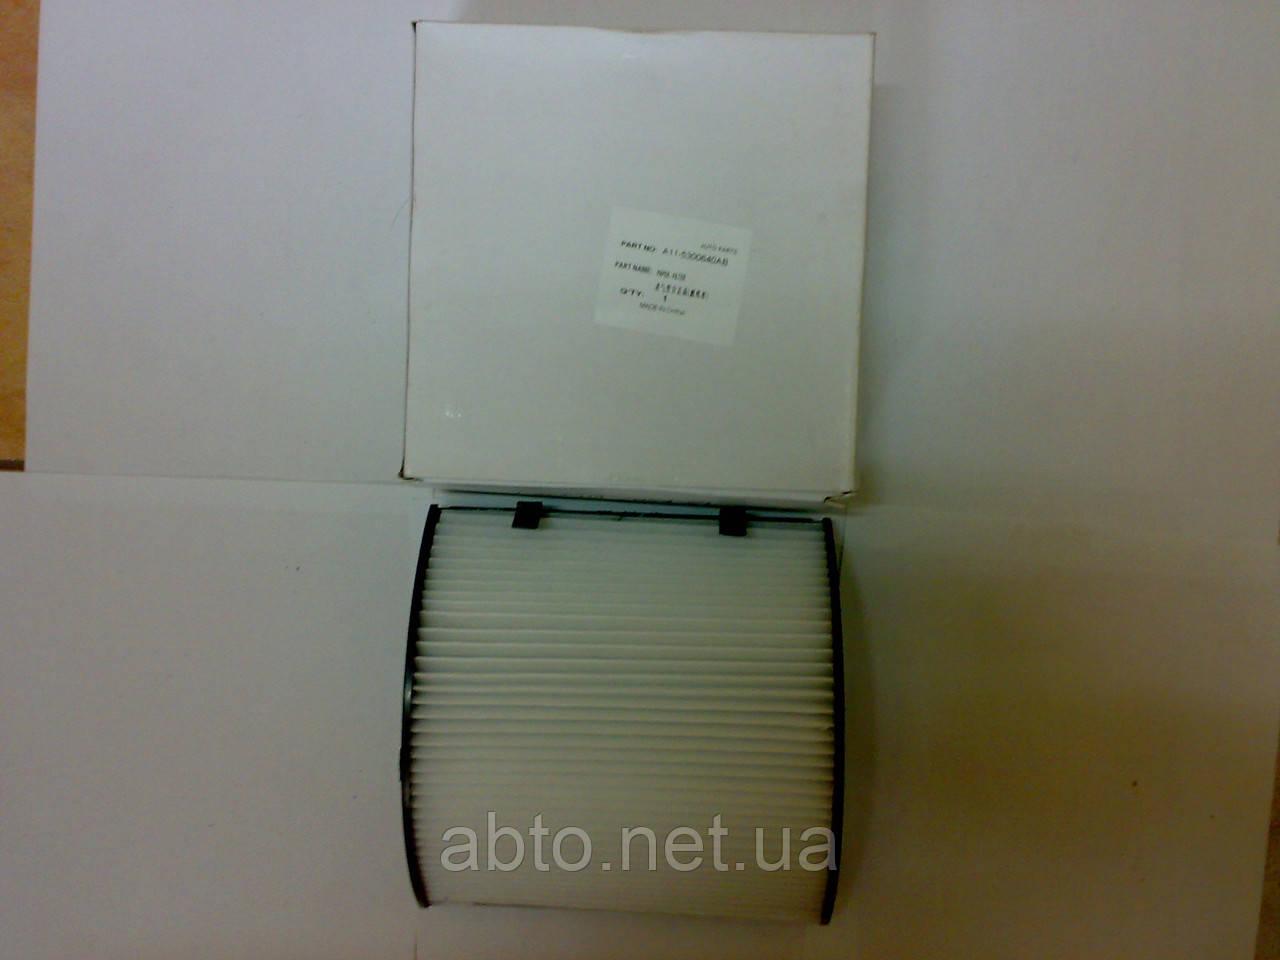 Фільтр салону, Chery Amulet A11 (Чері Амулет A11), A11-5300640AB.